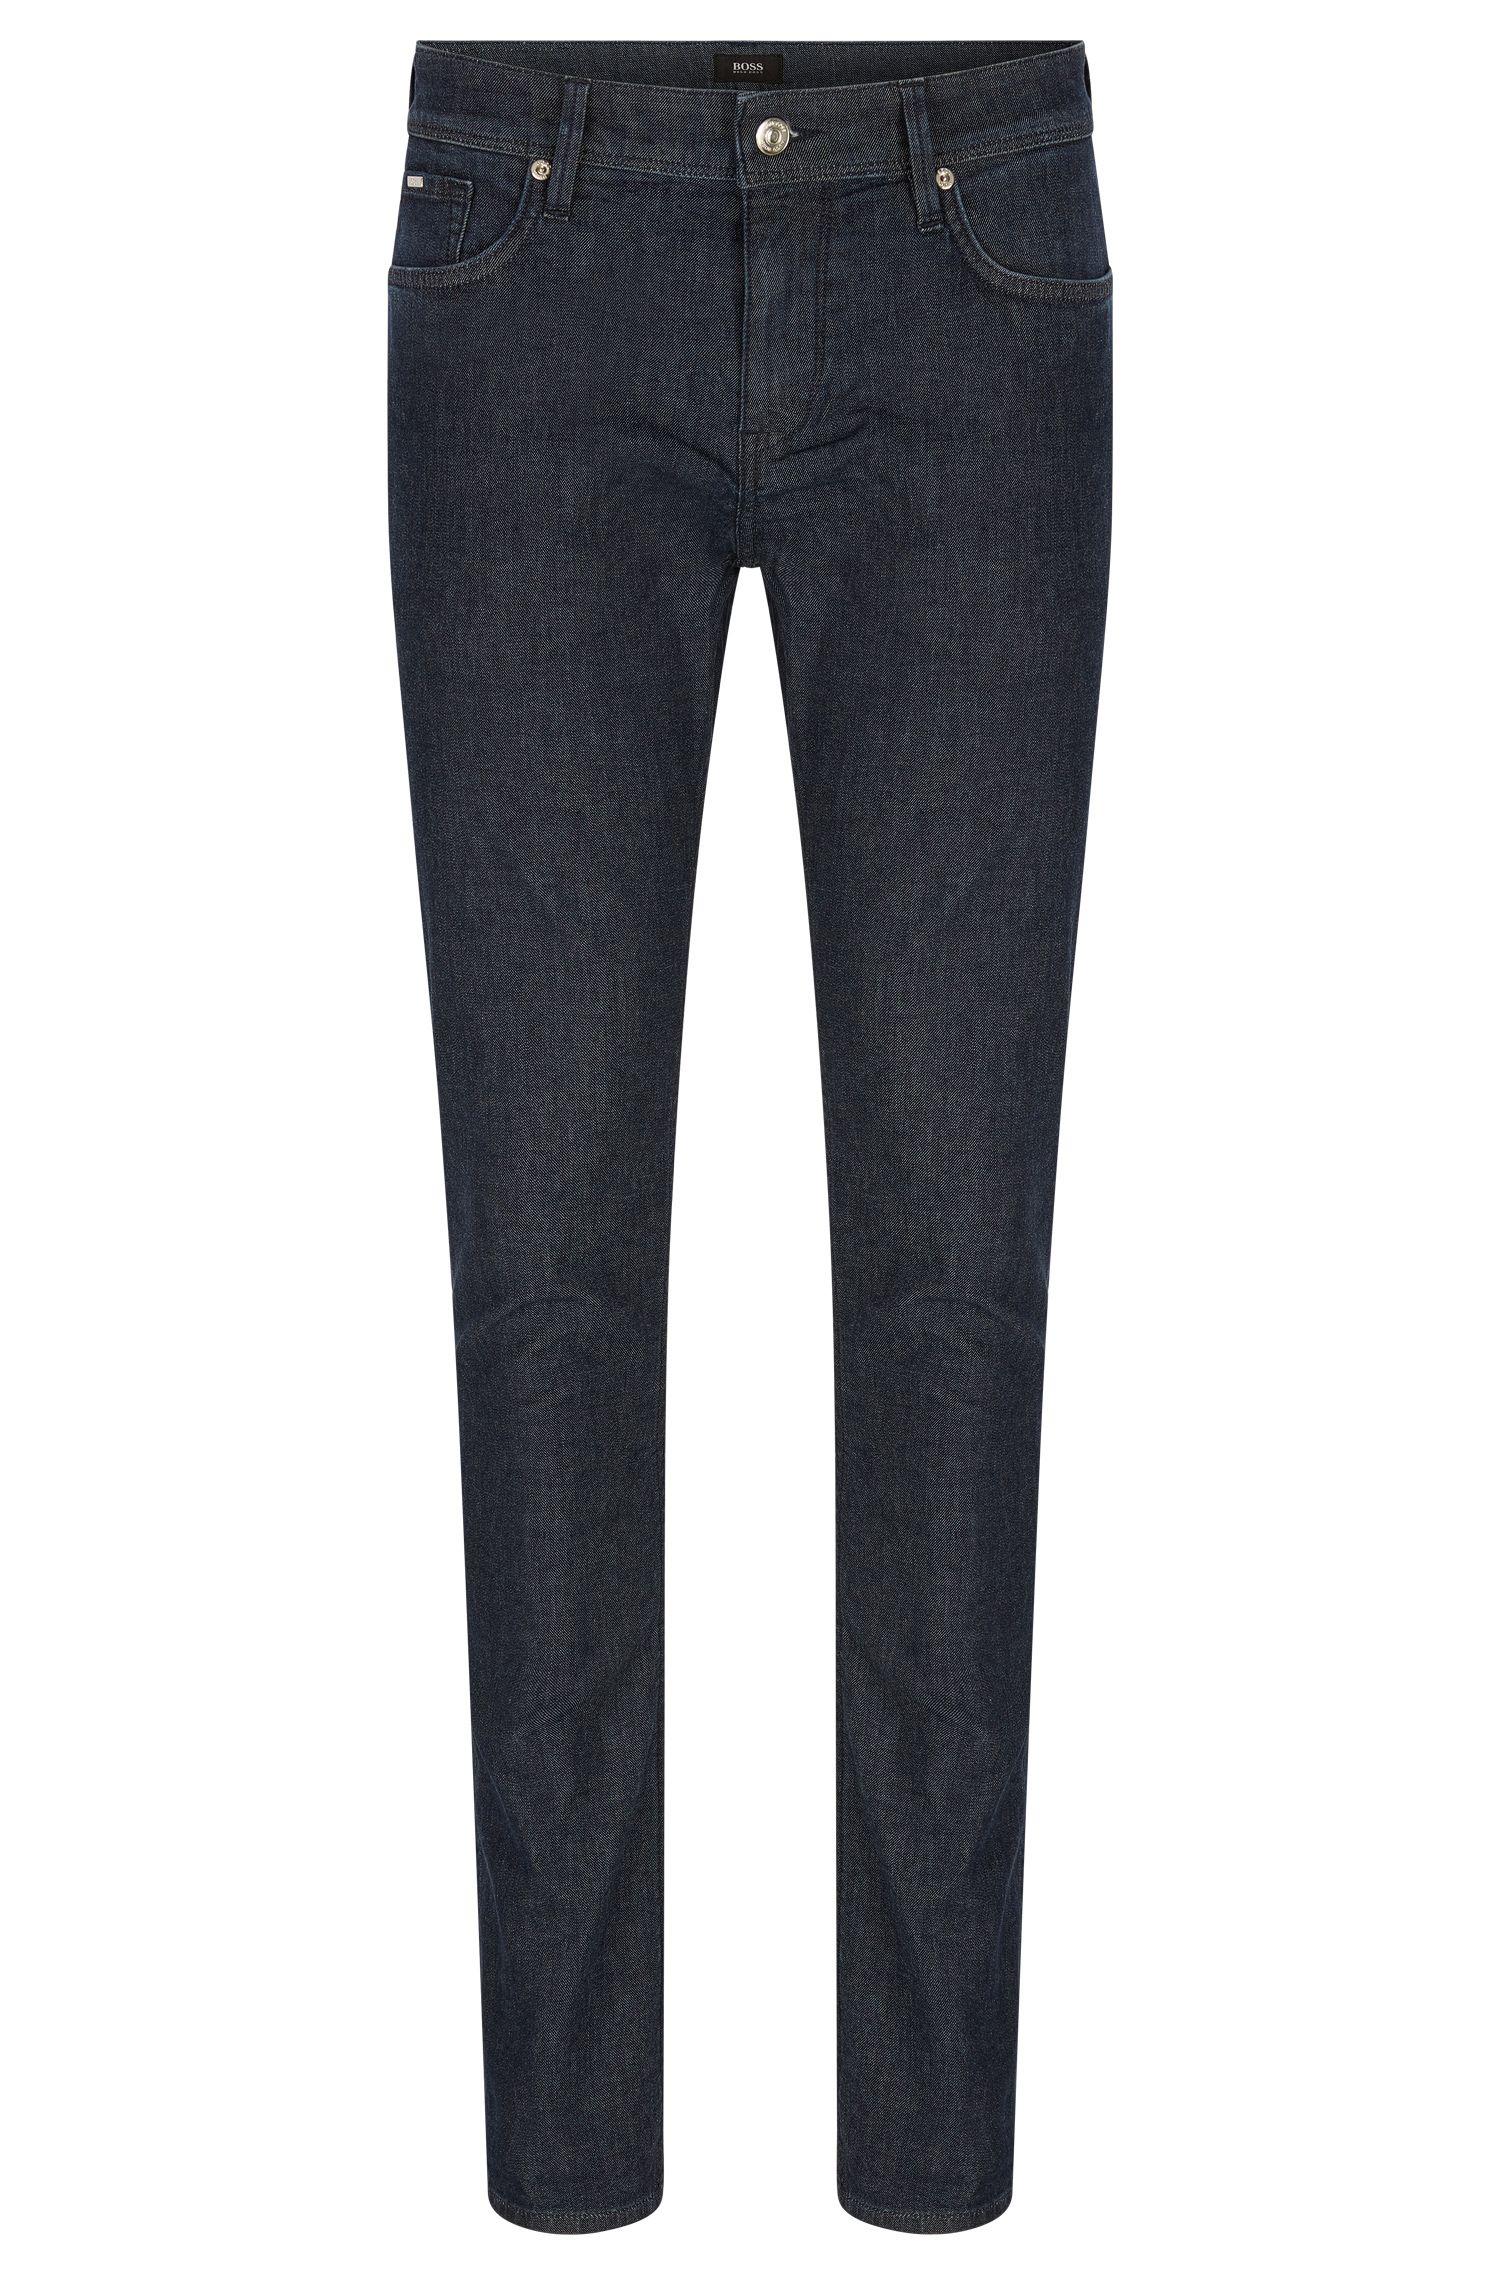 Slim-fit jeans van middelzwaar stretchmateriaal